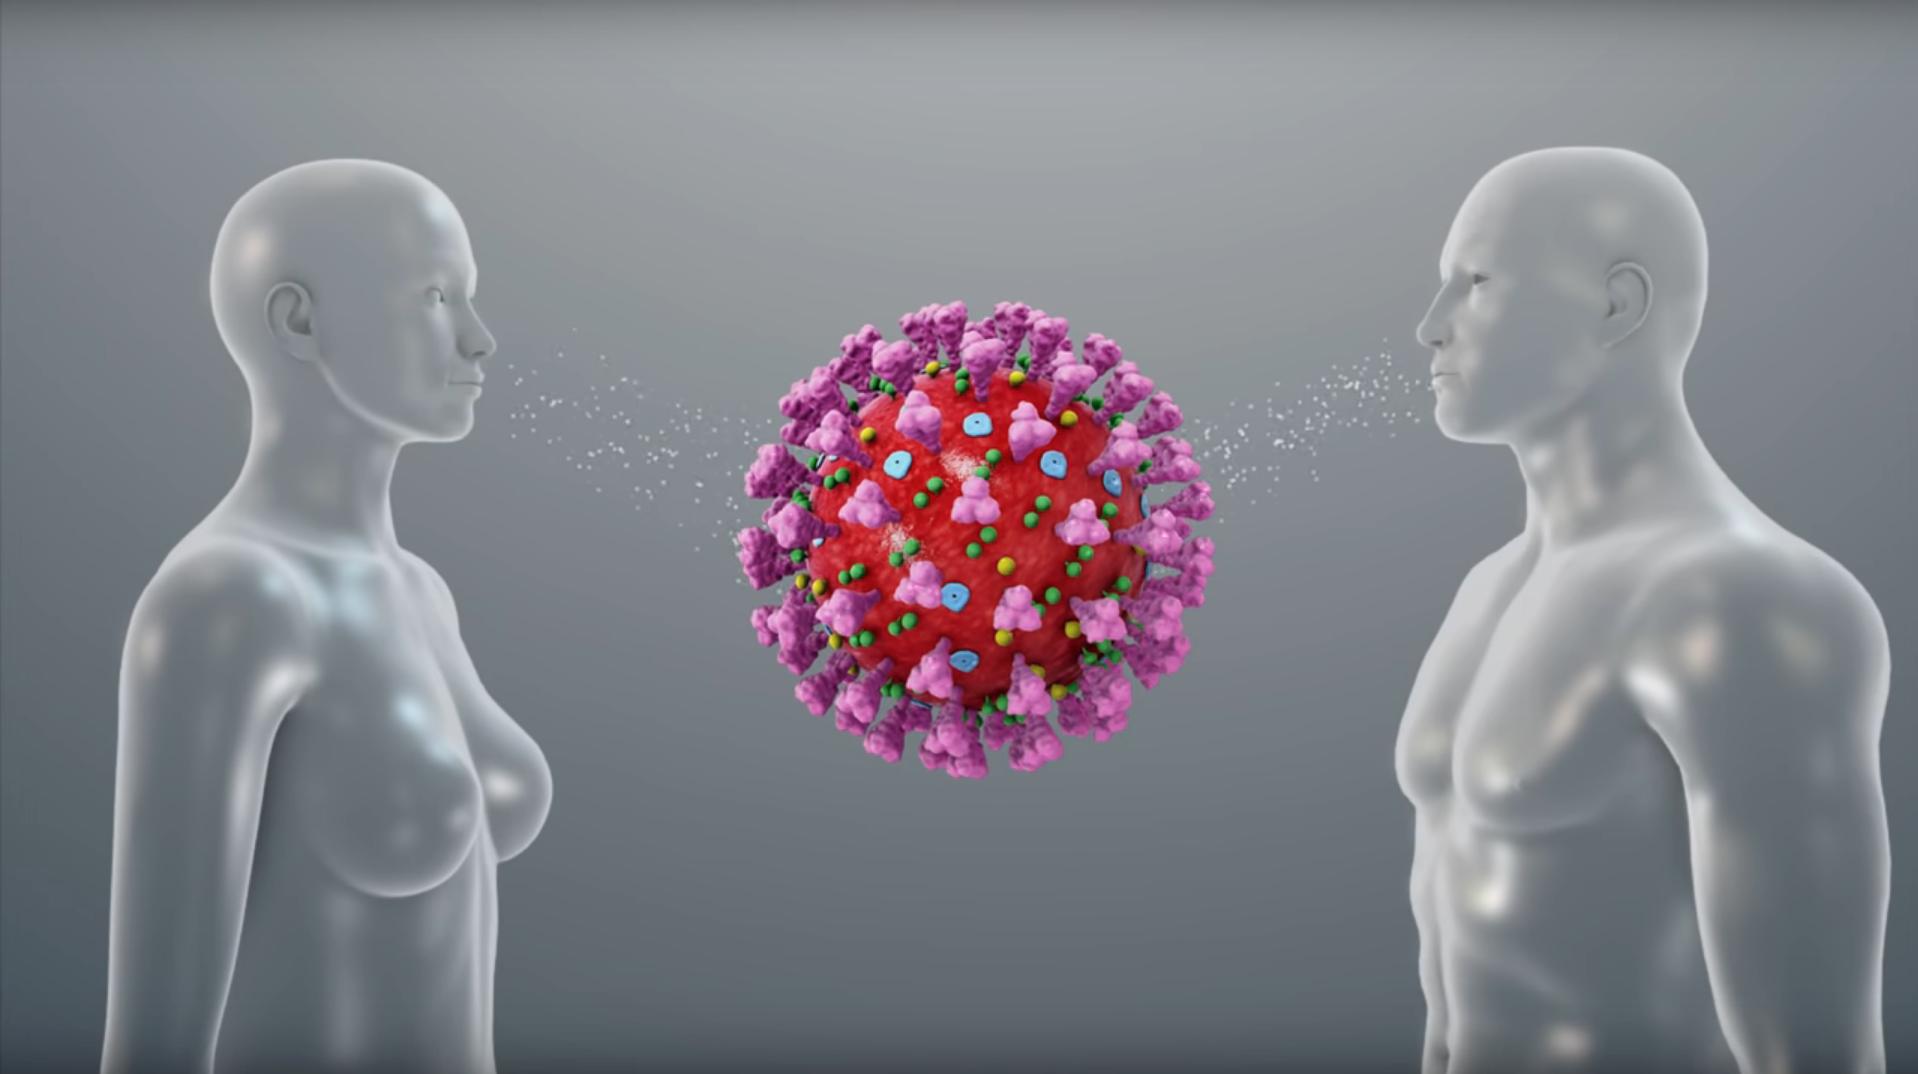 Symptômes du coronavirus: le COVID-19 peut être transmis dans toutes les régions, y compris les régions à temps chaud et humide.